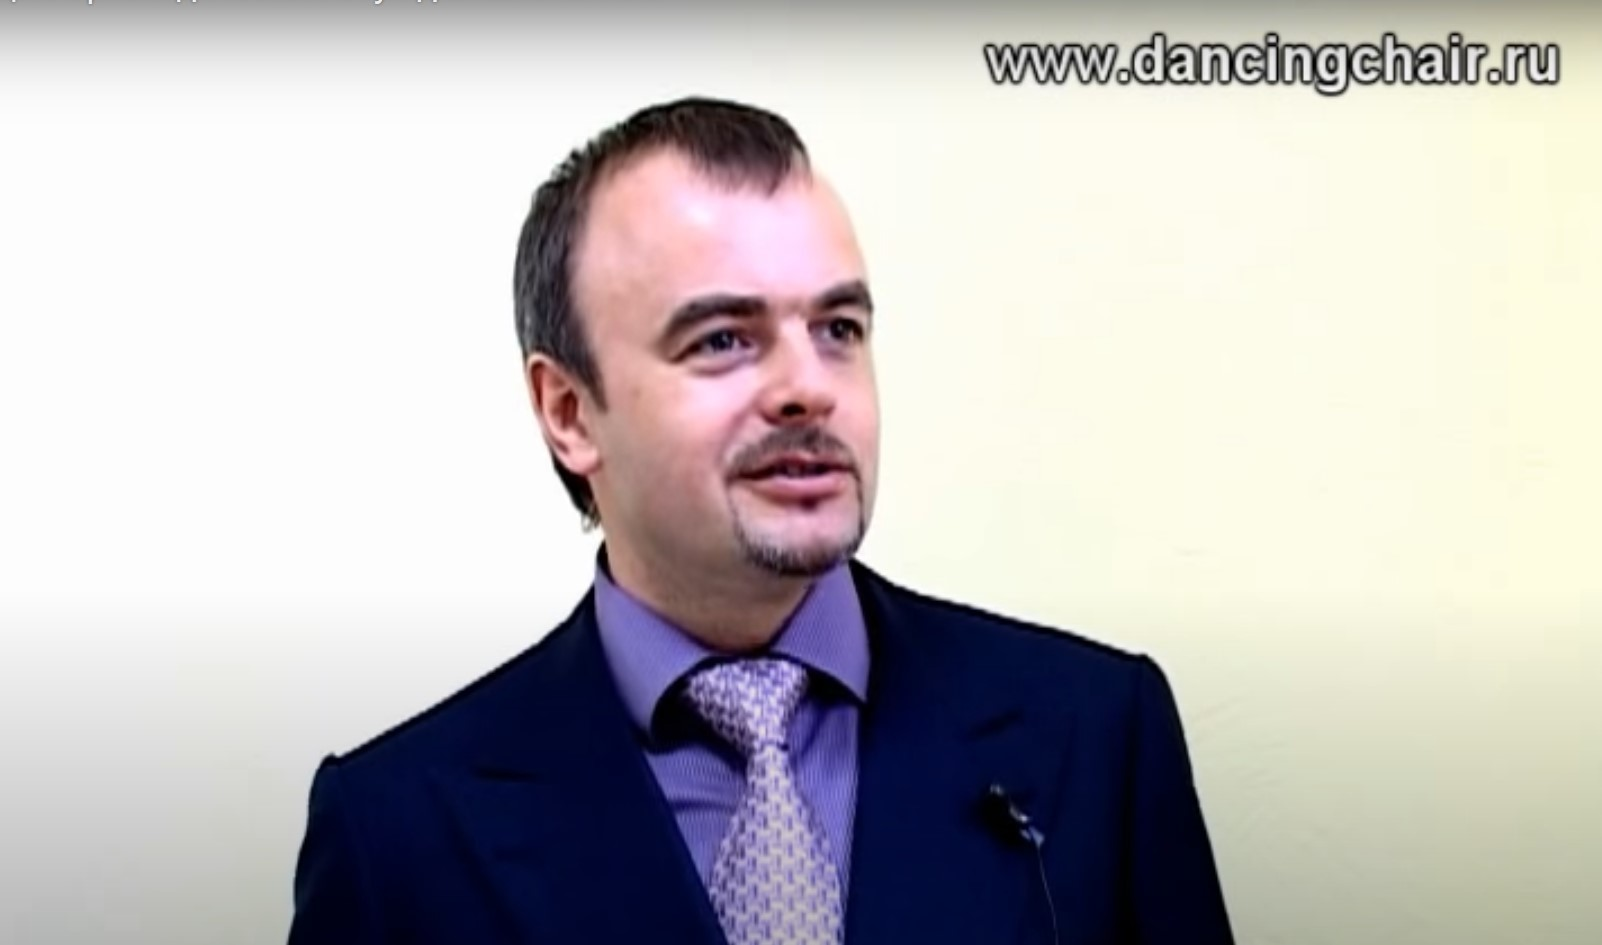 Осеопат Титов Д.П. об ортопедическом Танцующем Стуле для школьника